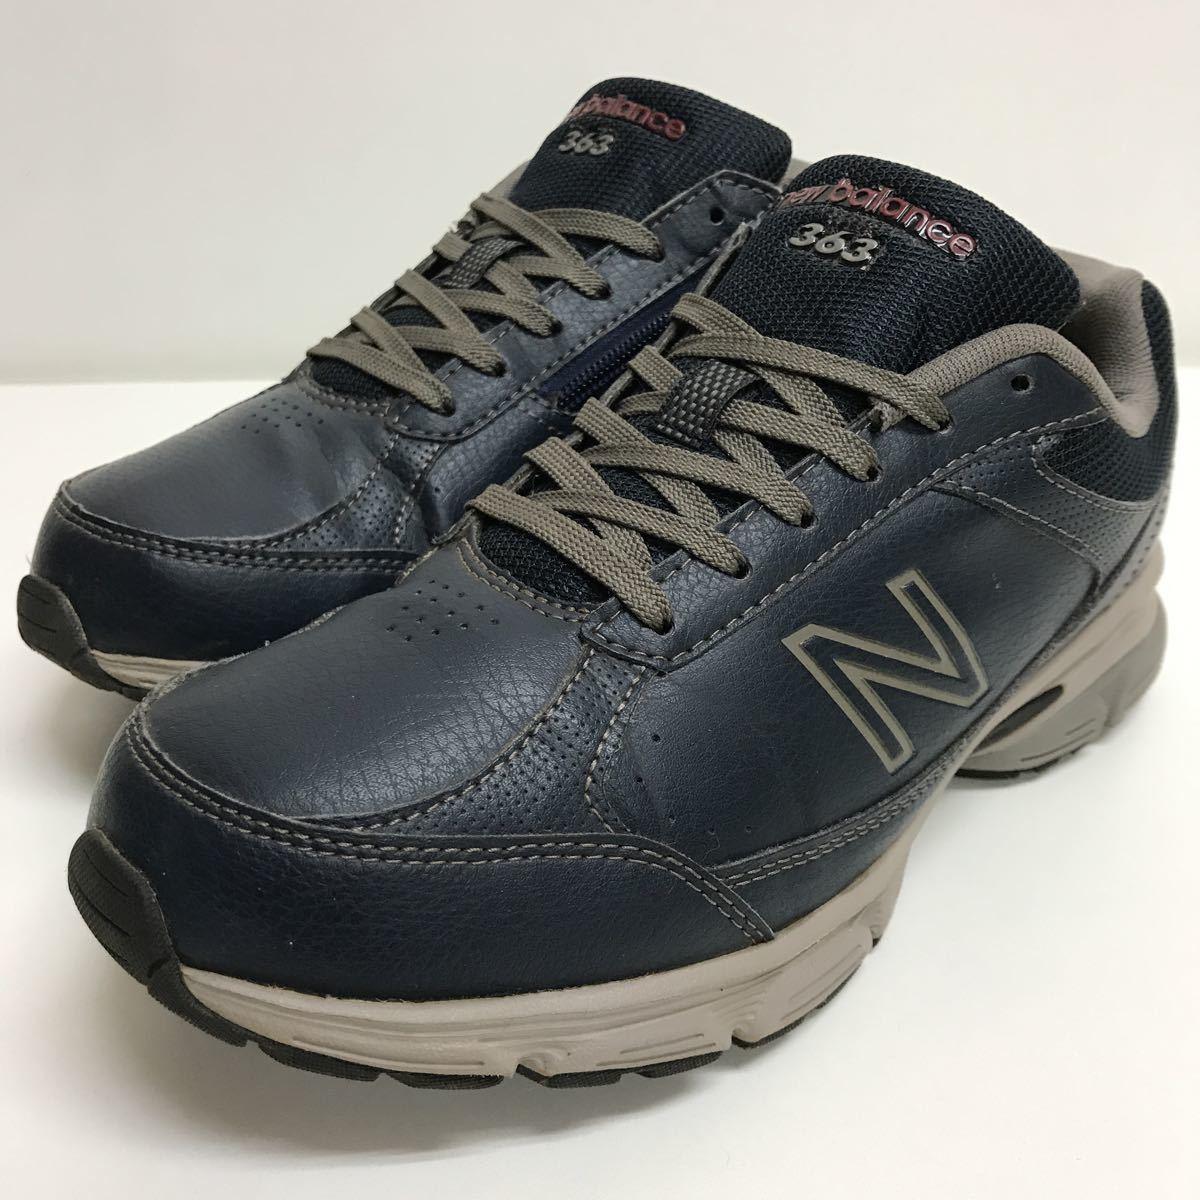 8bb89b58862c44 NB NEW BALANCE ニューバランス MW363NV2ウォーキングシューズ 靴 スニーカー 25.5cm 4E ネイビー サイドジップ 良好